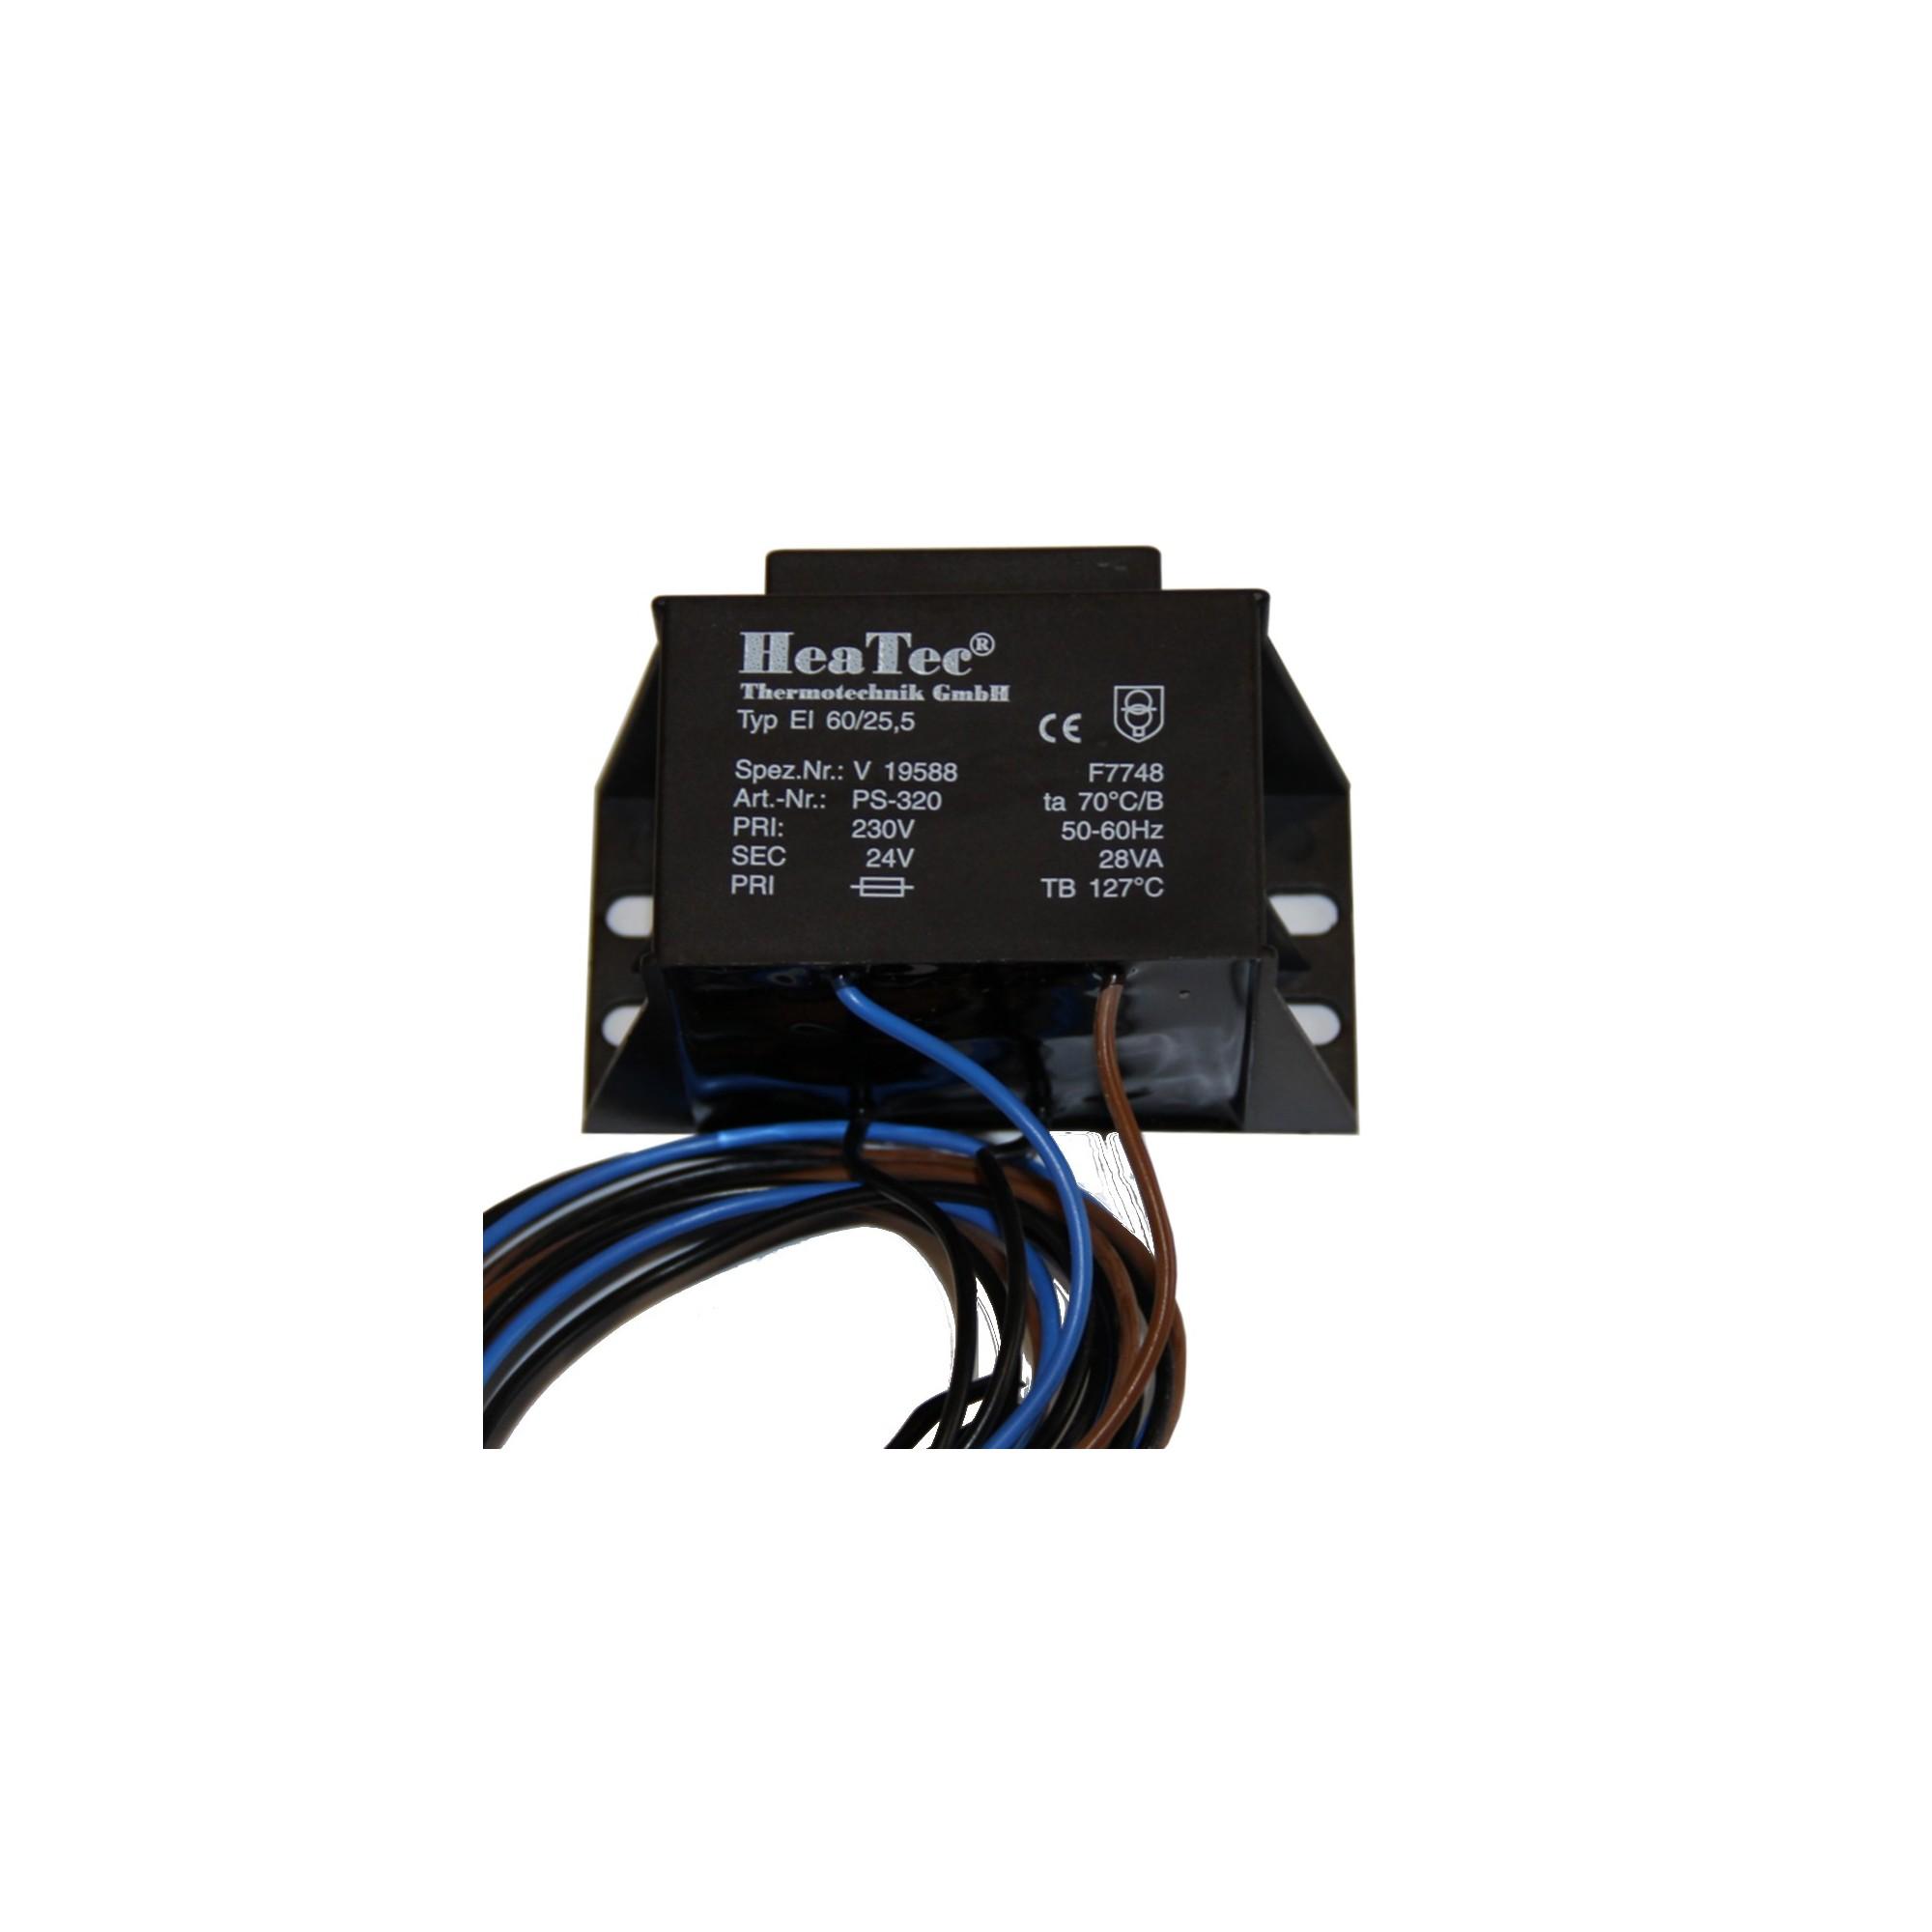 TRANSFORMATOR 230V/24V - 50 HZ